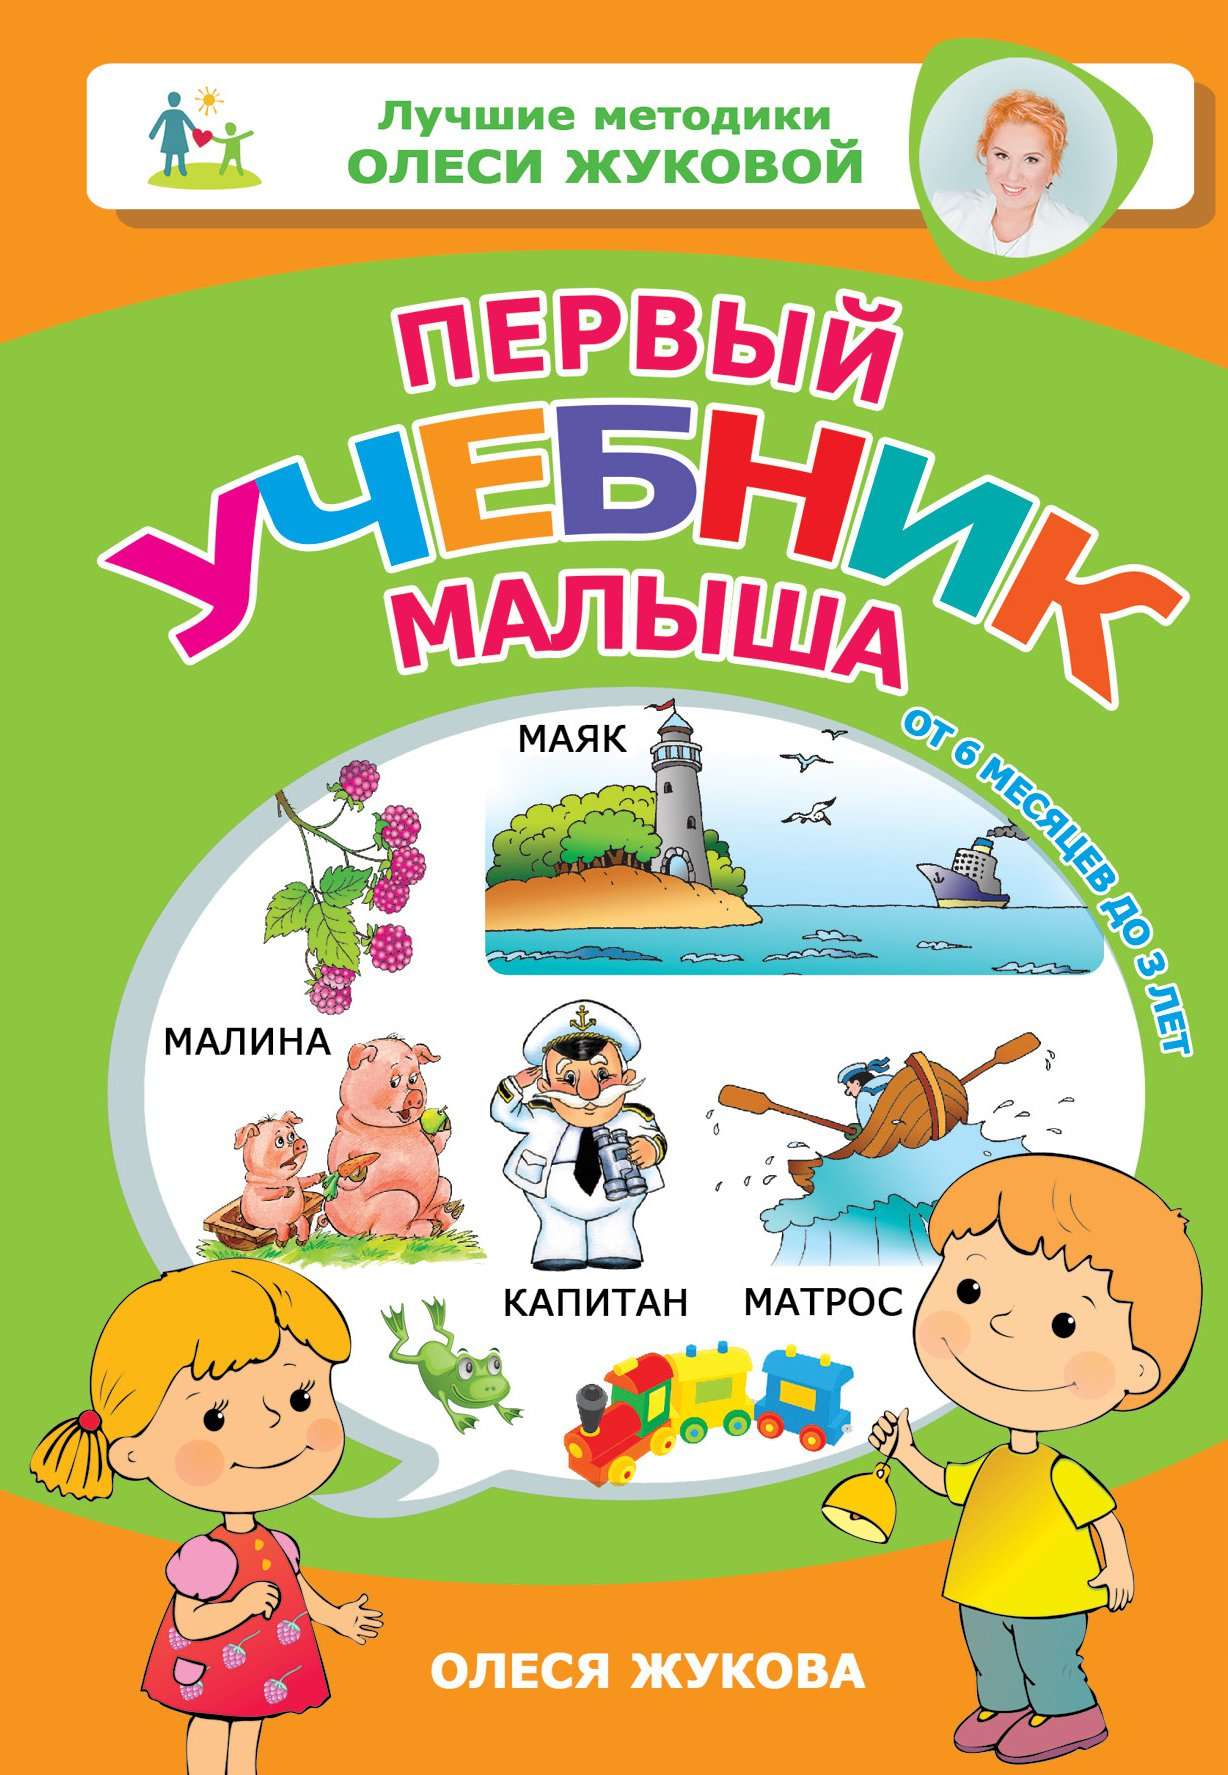 Жукова Олеся Станиславовна Первый учебник малыша. От 6 месяцев до 3 лет